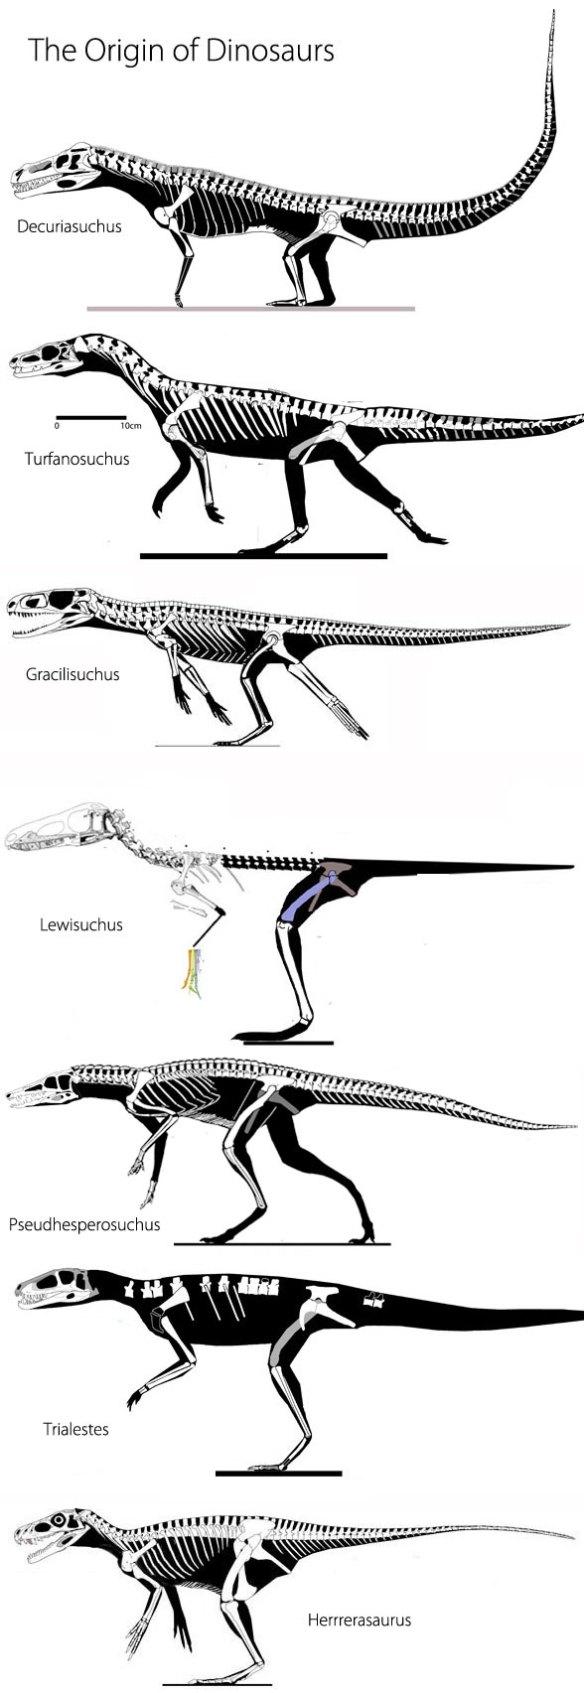 Figure 2. The origin of dinosaurs using constant length specimens. Here Decuriasuchus, Turfanosuchus, Gracilisuchus, Lewisuchus, Pseudhesperosuchus, Trialestes and Herrerasaurus not to scale.